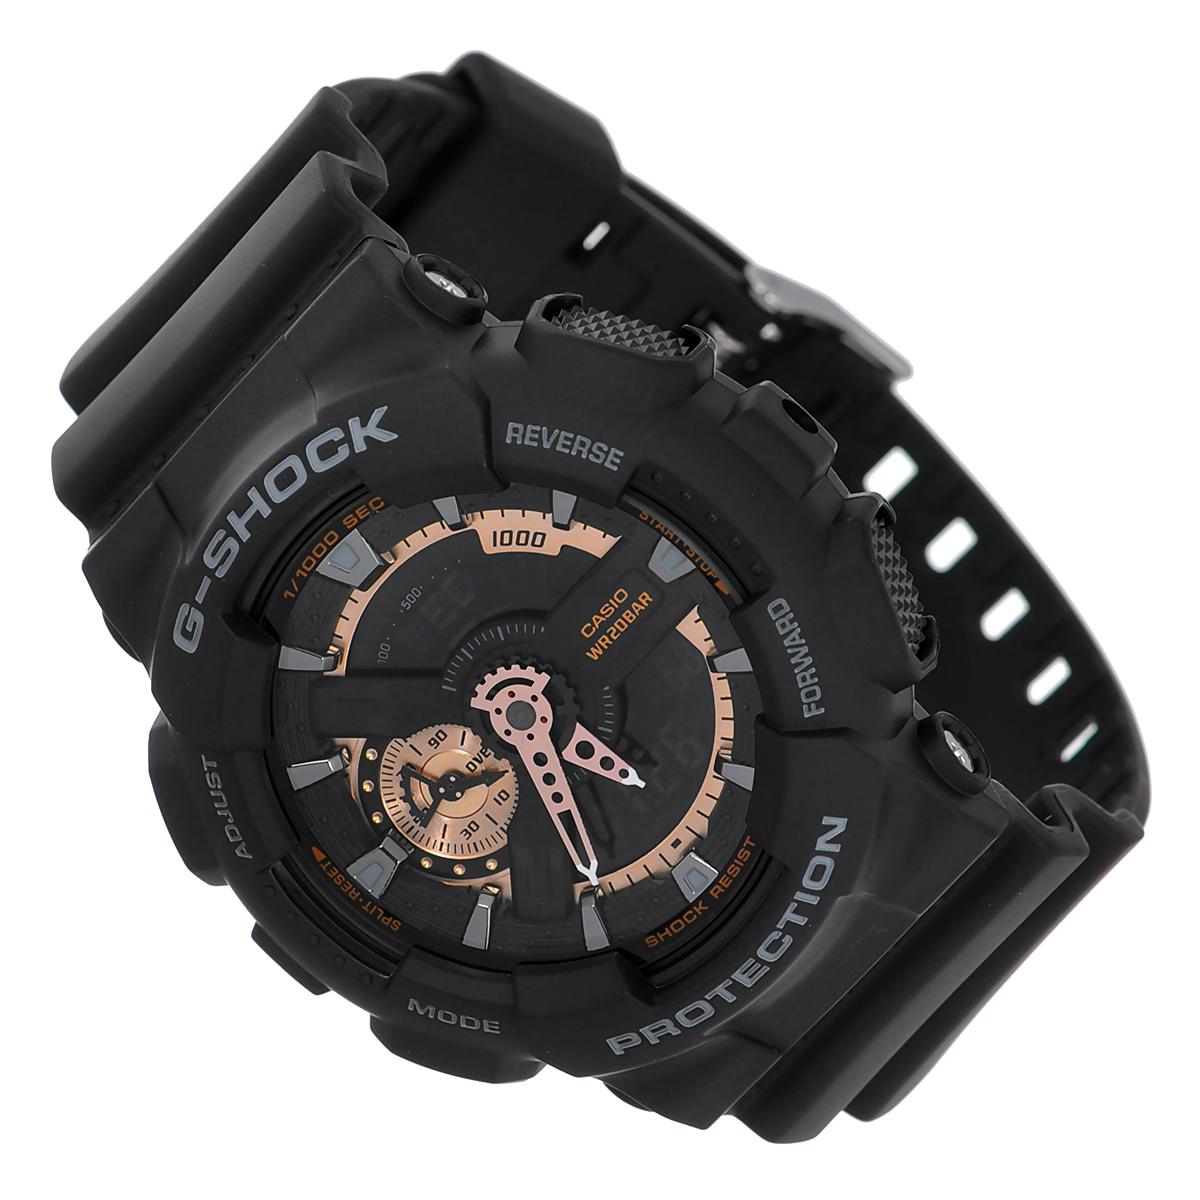 Часы мужские наручные Casio G-Shock, цвет: черный. GA-110RG-1A3-47660-00504Стильные часы G-Shock от японского брэнда Casio - это яркий функциональный аксессуар для современных людей, которые стремятся выделиться из толпы и подчеркнуть свою индивидуальность. Часы выполнены в спортивном стиле. Корпус имеет ударопрочную конструкцию, защищающую механизм от ударов и вибрации. Циферблат подсвечивается светодиодом, функция автоподсветки освещает циферблат при повороте часов к лицу. Ремешок из мягкого пластика имеет классическую застежку.Основные функции: -5 будильников, один с функцией повтора сигнала (чтобы отложить пробуждение), ежечасный сигнал; -автоматический календарь (число, месяц, день недели, год); -секундомер с точностью показаний 1/1000 с, время измерения 100 часов; -12-ти и 24-х часовой формат времени; -таймер обратного отсчета от 1 мин до 24 ч с автоповтором; -мировое время; -сплит-хронограф; -защита от магнитных полей. Часы упакованы в фирменную коробку с логотипом Casio. Такой аксессуар добавит вашему образу стиля и подчеркнет безупречный вкус своего владельца.Характеристики: Диаметр циферблата: 3,7 см.Размер корпуса: 5,5 см х 5,1 см х 1,7 см.Длина ремешка (с корпусом): 25 см.Ширина ремешка: 2,2 см. STAINLESS STELL BACK JAPAN MOVT EL CASED IN CHINA.